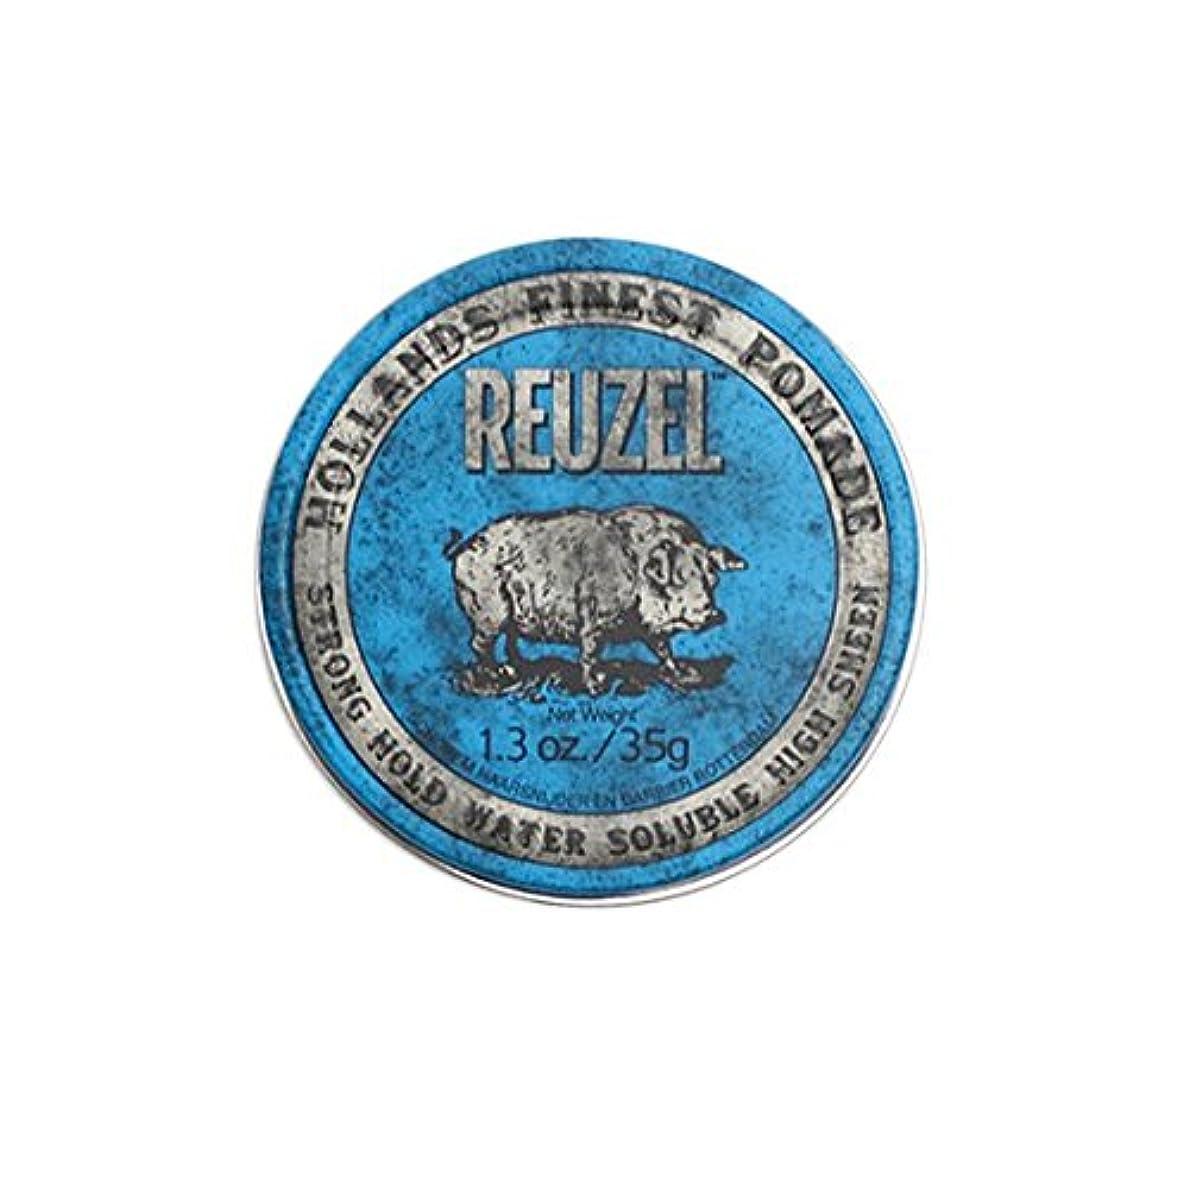 幸運な旋回シネウィルーゾー REUZEL STRONG HOLD HIGH SHEEN ストロングホールド ブルー 35g